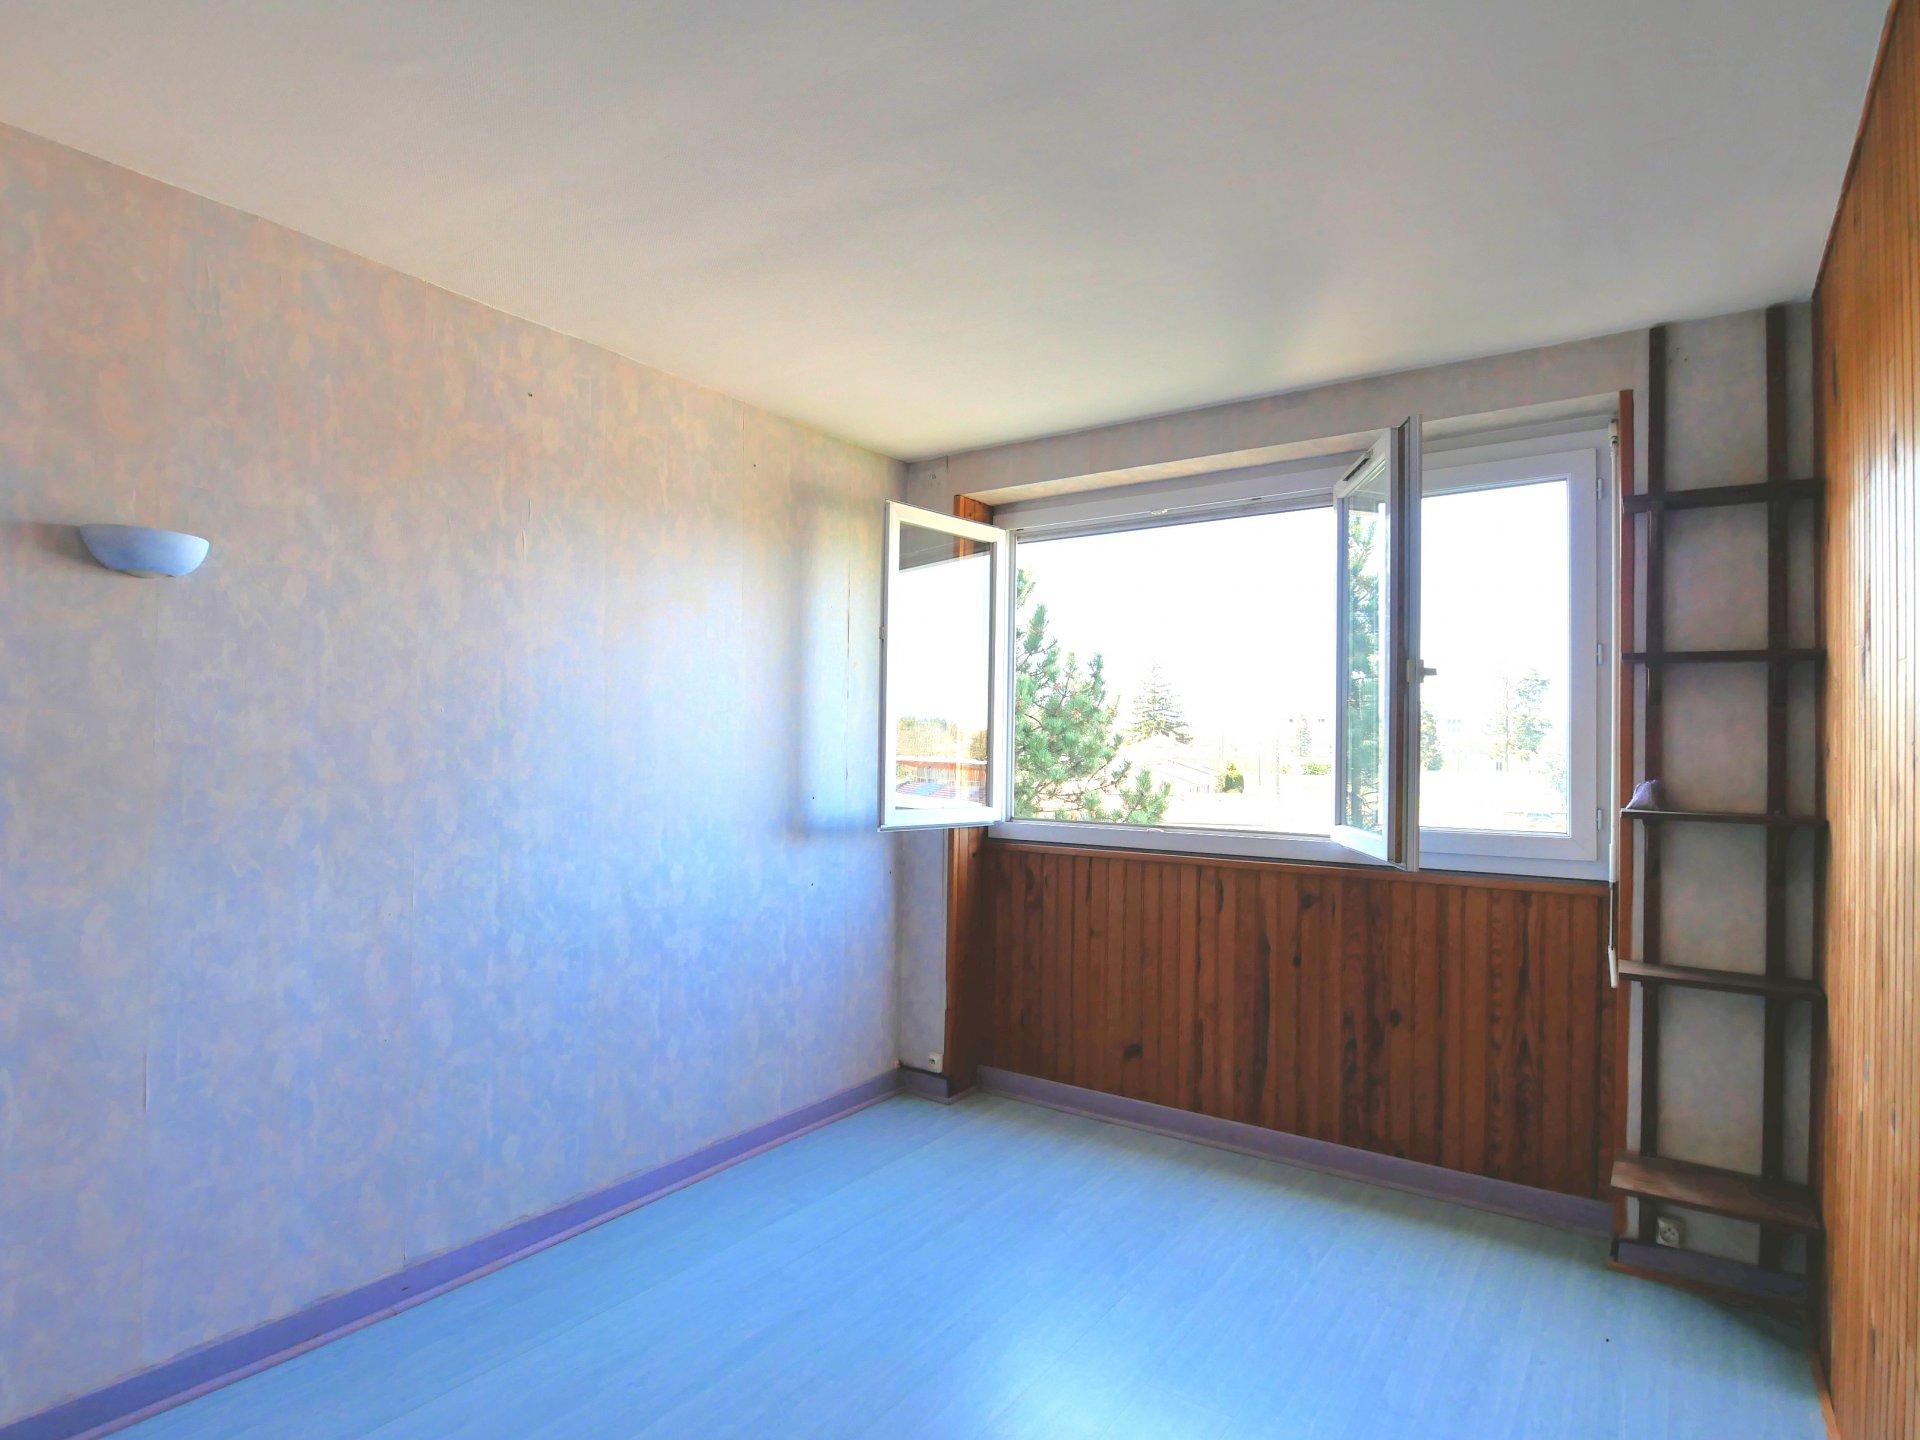 Découvrez cet appartement 3 pièces de 65 m², situé au 5ème et dernier étage, bénéficiant d'une vue dégagée sans vis-à-vis. Il dispose d'un grand séjour lumineux avec accès au balcon, une cuisine indépendante aménagée, deux chambres avec placards, une salle de bains et toilette indépendant. Cet appartement traversant bénéficie d'une belle luminosité avec son exposition Est et Ouest. Une cave et une place de parking privative viennent compléter ce bien. Vous apprécierez les grands espaces verts au pied de l'immeuble. Il est possible d'aménager une troisième chambre dans le séjour. Idéal pour un premier achat ou un investissement locatif. Pas d'ascenseur dans l'immeuble. Bien soumis au régime de la copropriété, nombre de lots 317, montant des charges 130 euros par mois comprenant le chauffage au sol, l'entretien des parties communes, les espaces verts, le gardien. Honoraires à la charge du vendeur.